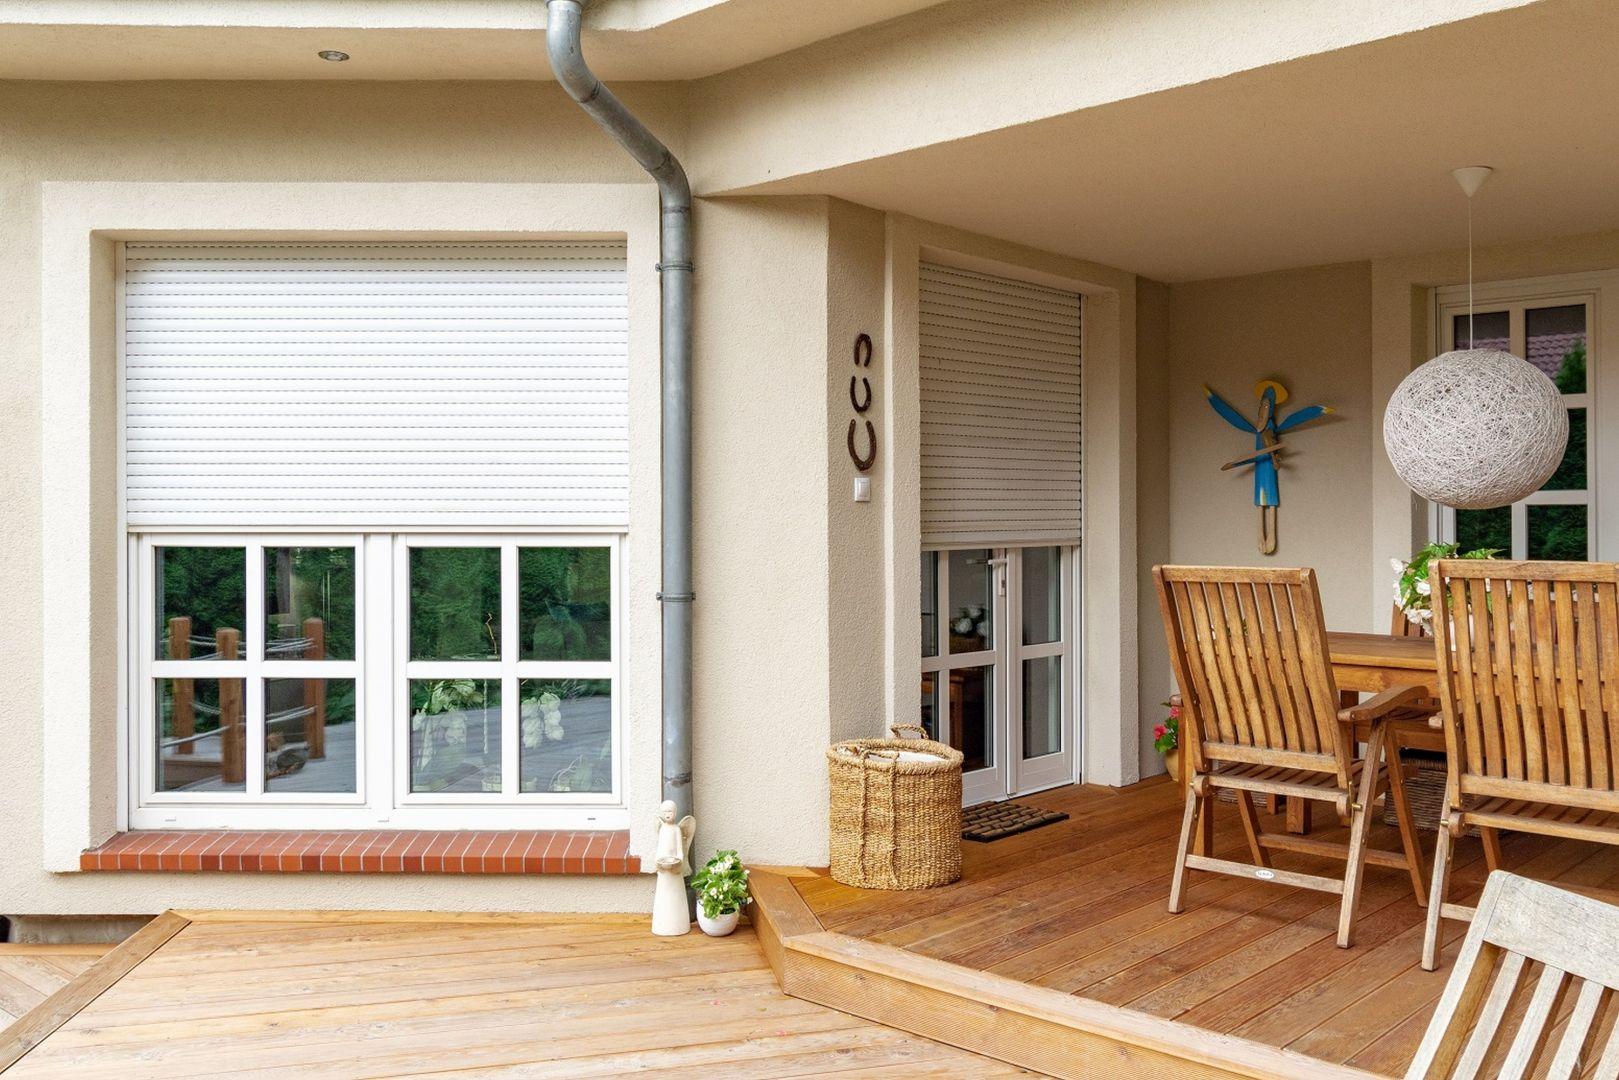 Osłony zewnętrzne tworząc barierę termiczną jeszcze przed szybą – na zewnątrz budynku, spowalniają wymianę ciepła i zabezpieczają dom przed nadmiernym nagrzewaniem się. Fot. MS więcej niż Okna